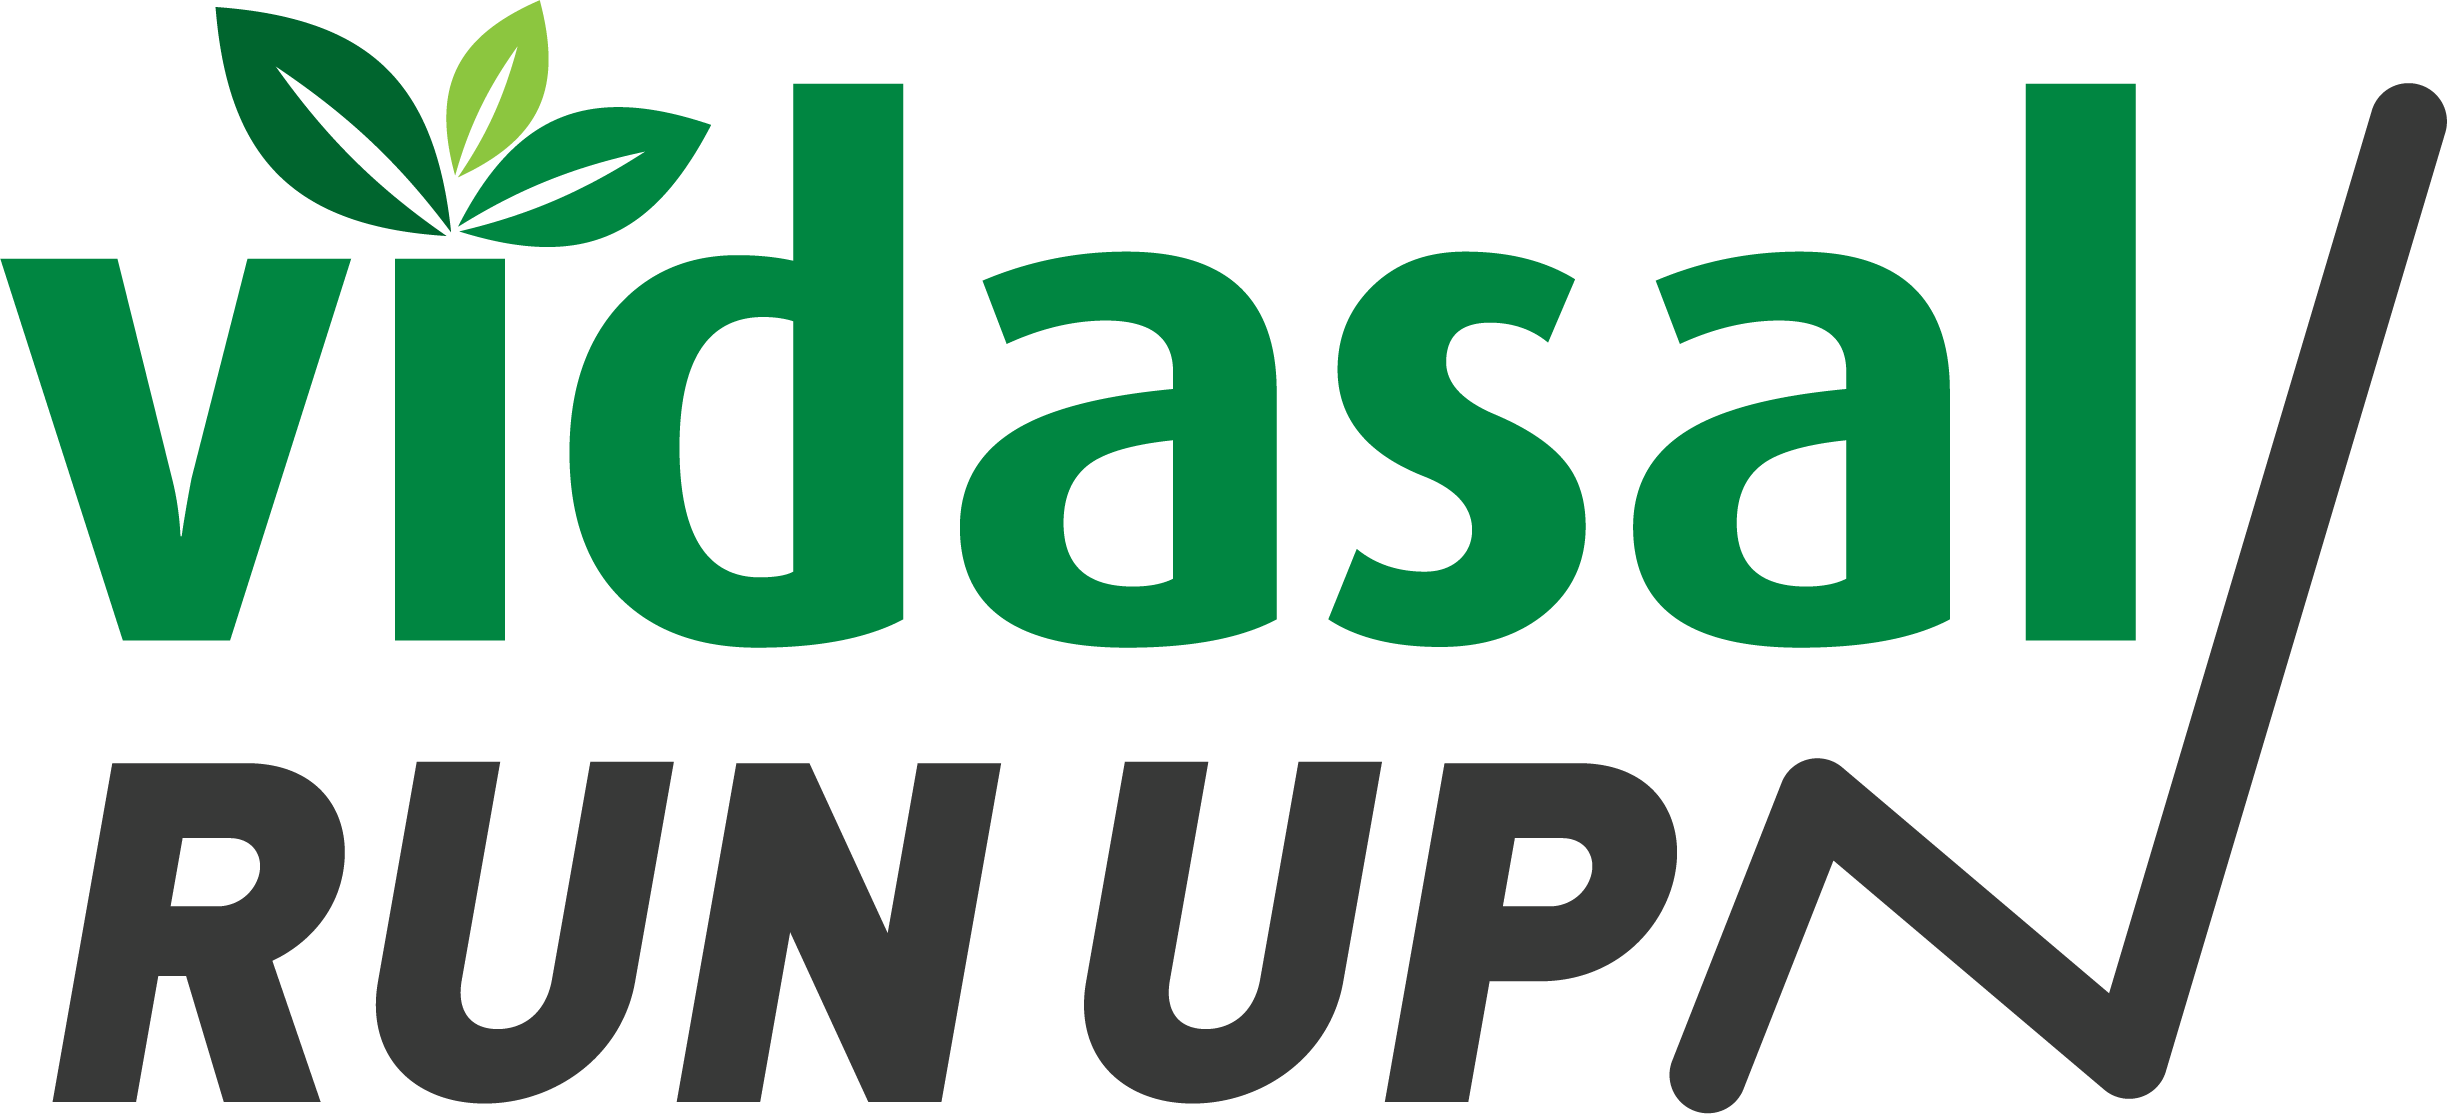 Vidasal Run Up - Alliansloppet